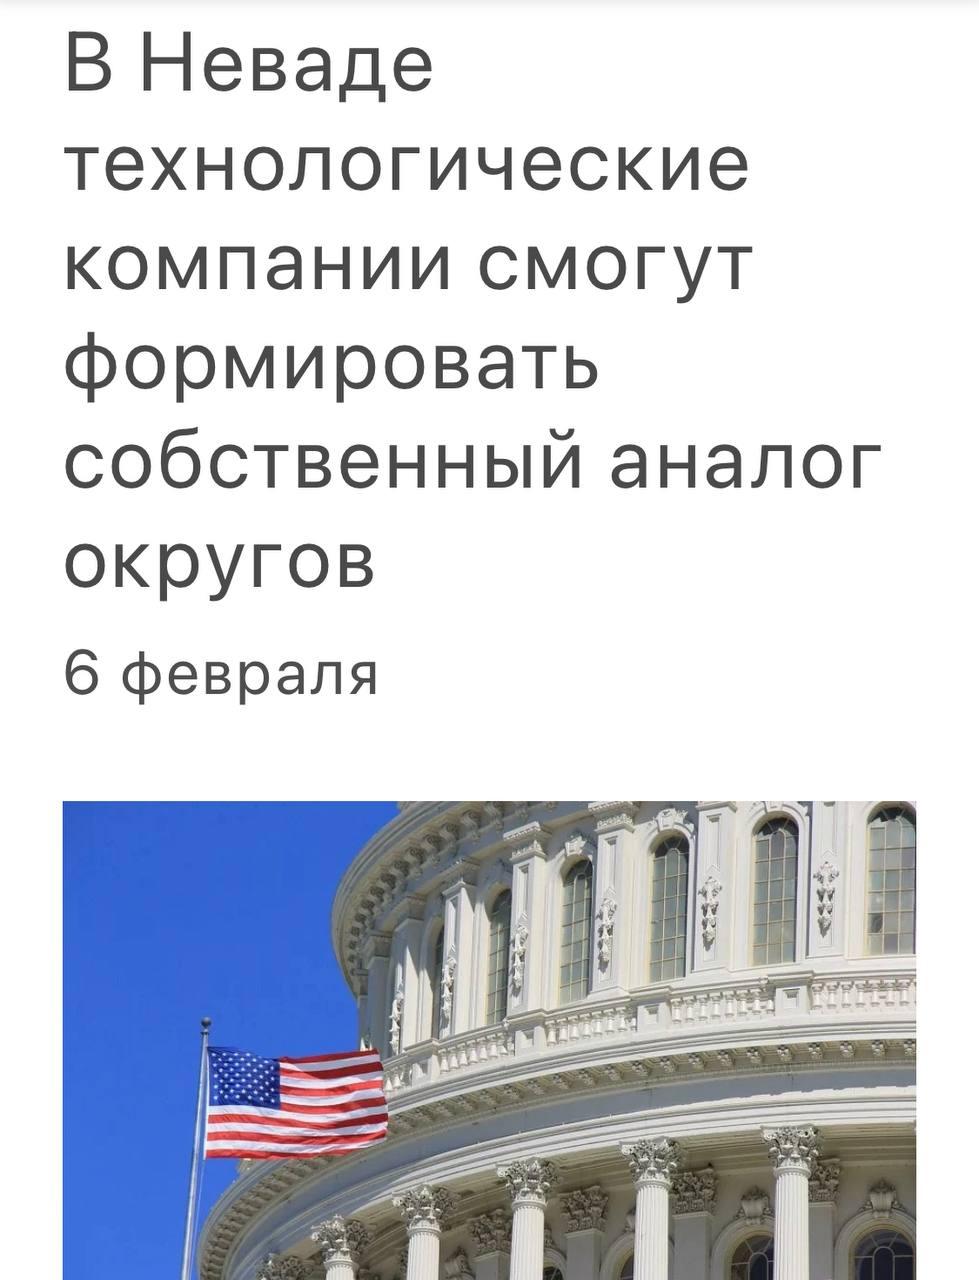 США - в штате Невада представлен новый законопроект, позволяющий...